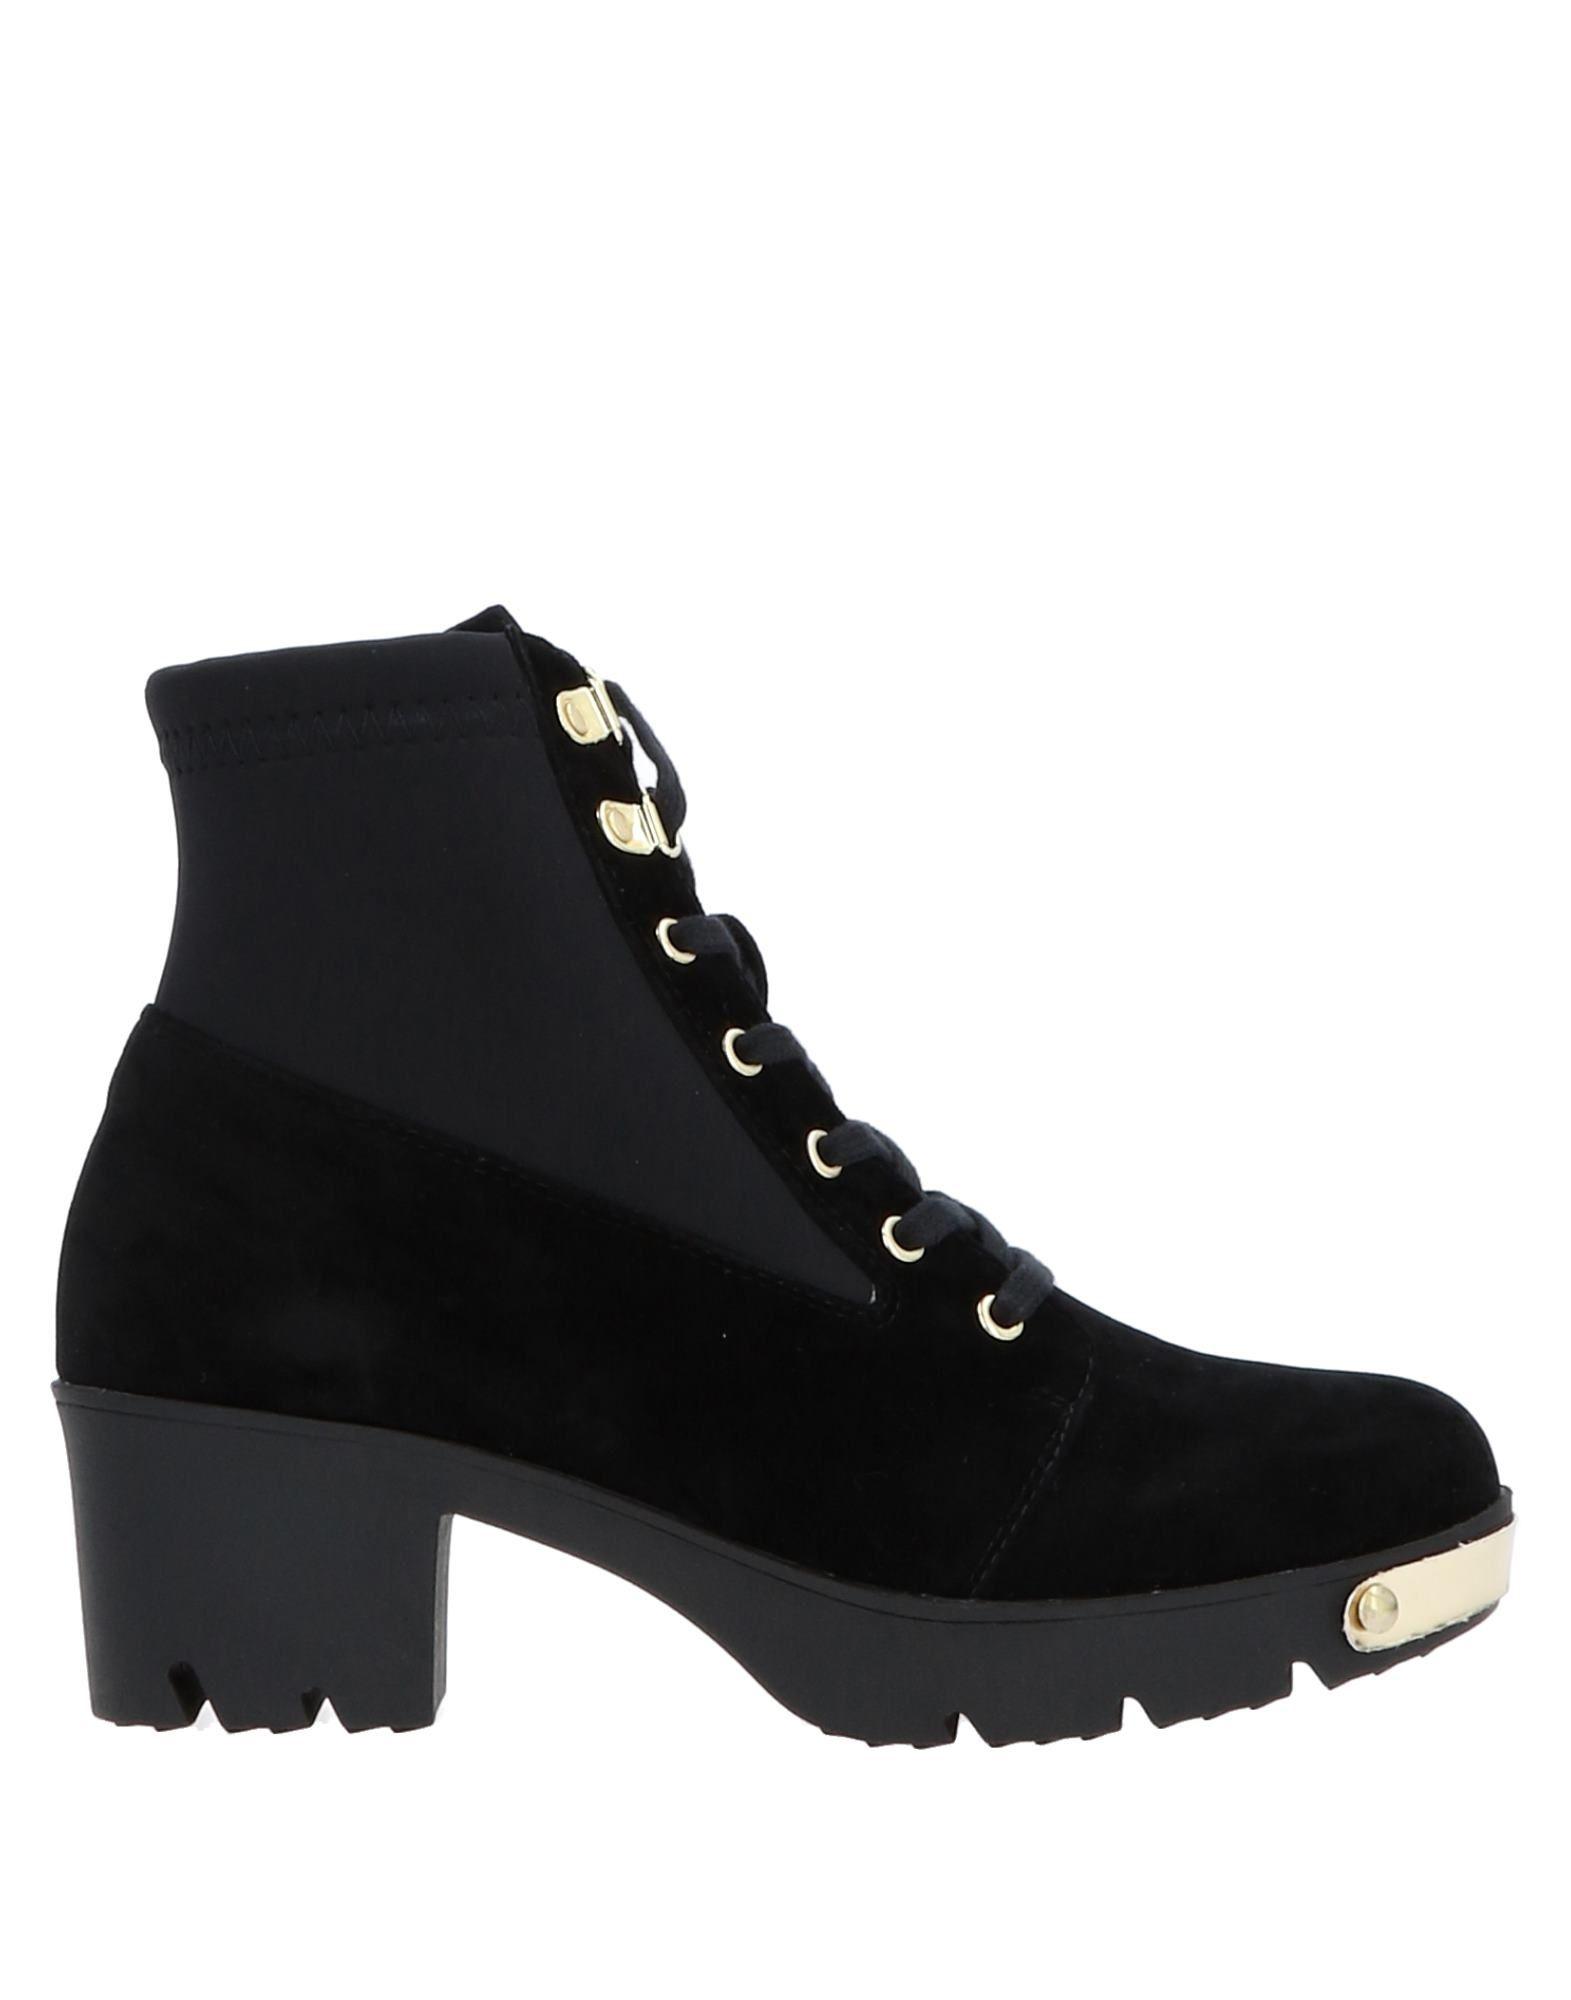 Silvian Heach Stiefelette Damen  11519120ES Gute Qualität beliebte Schuhe